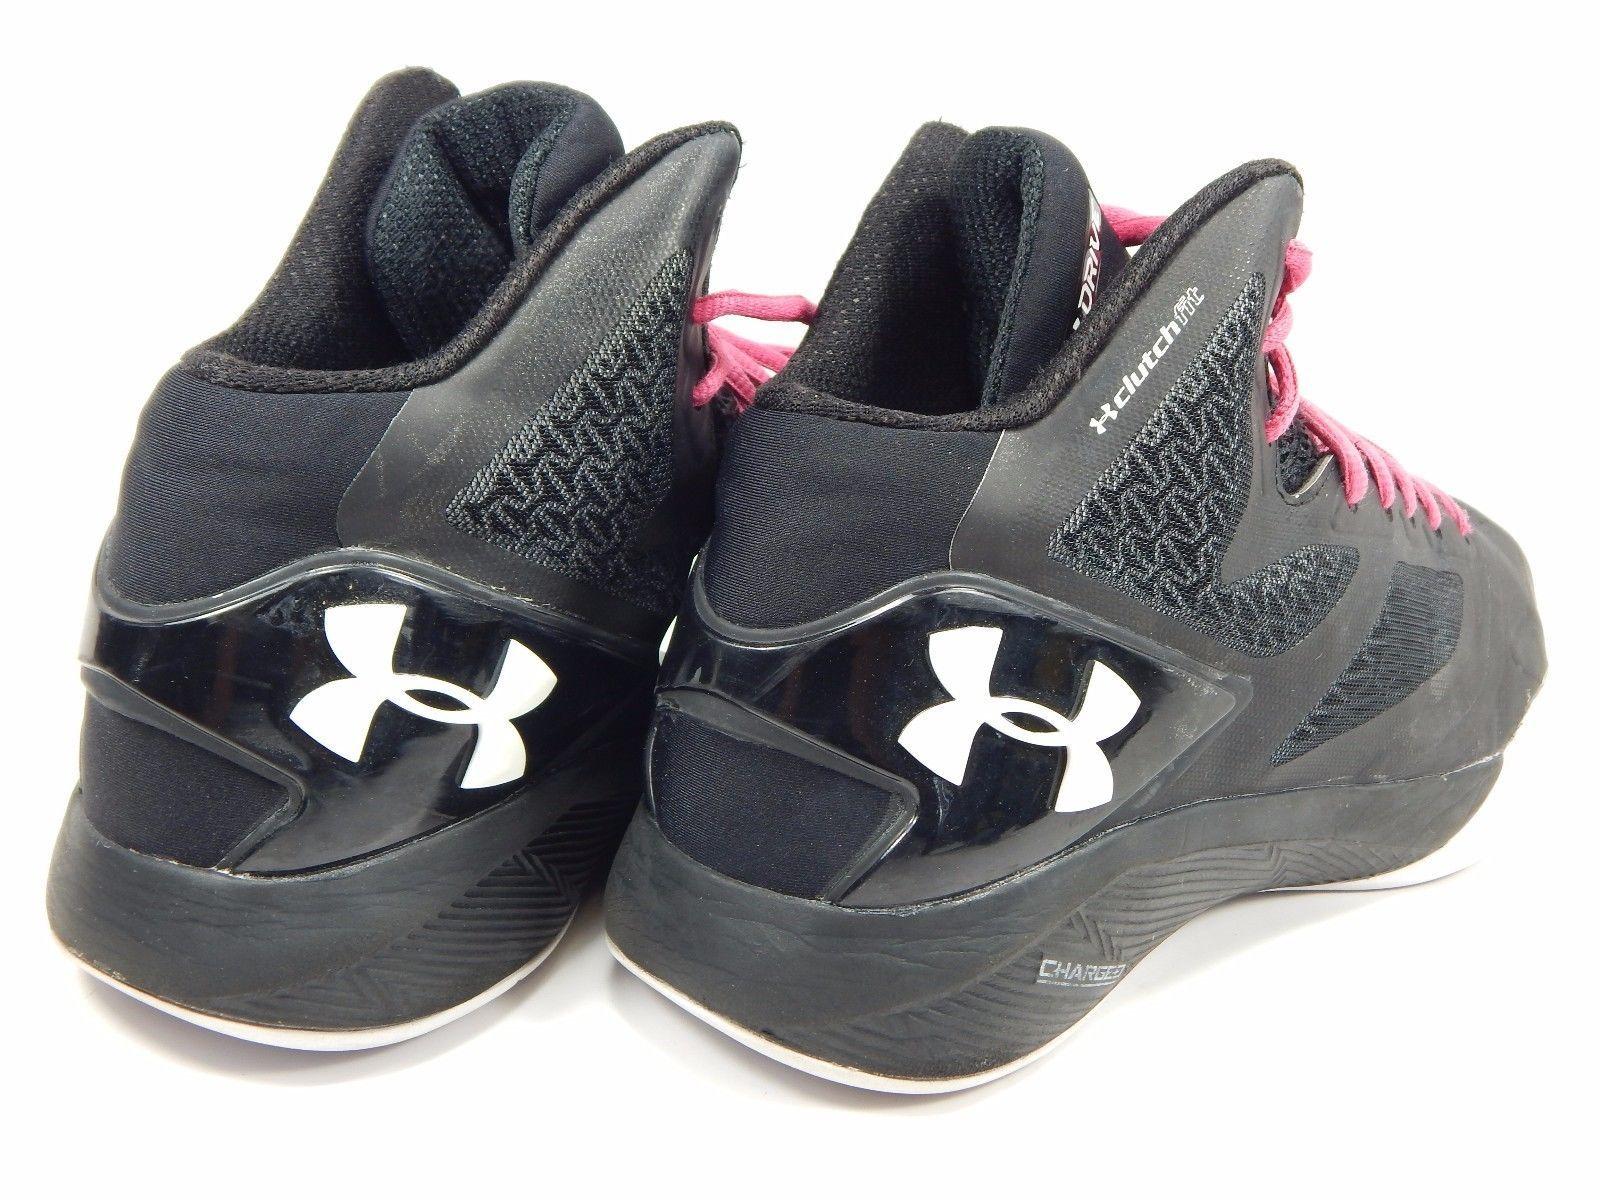 Under Armour Clutchfit Drive 2 Men's Basketball Shoes Size US 9 M (D) EU 42.5